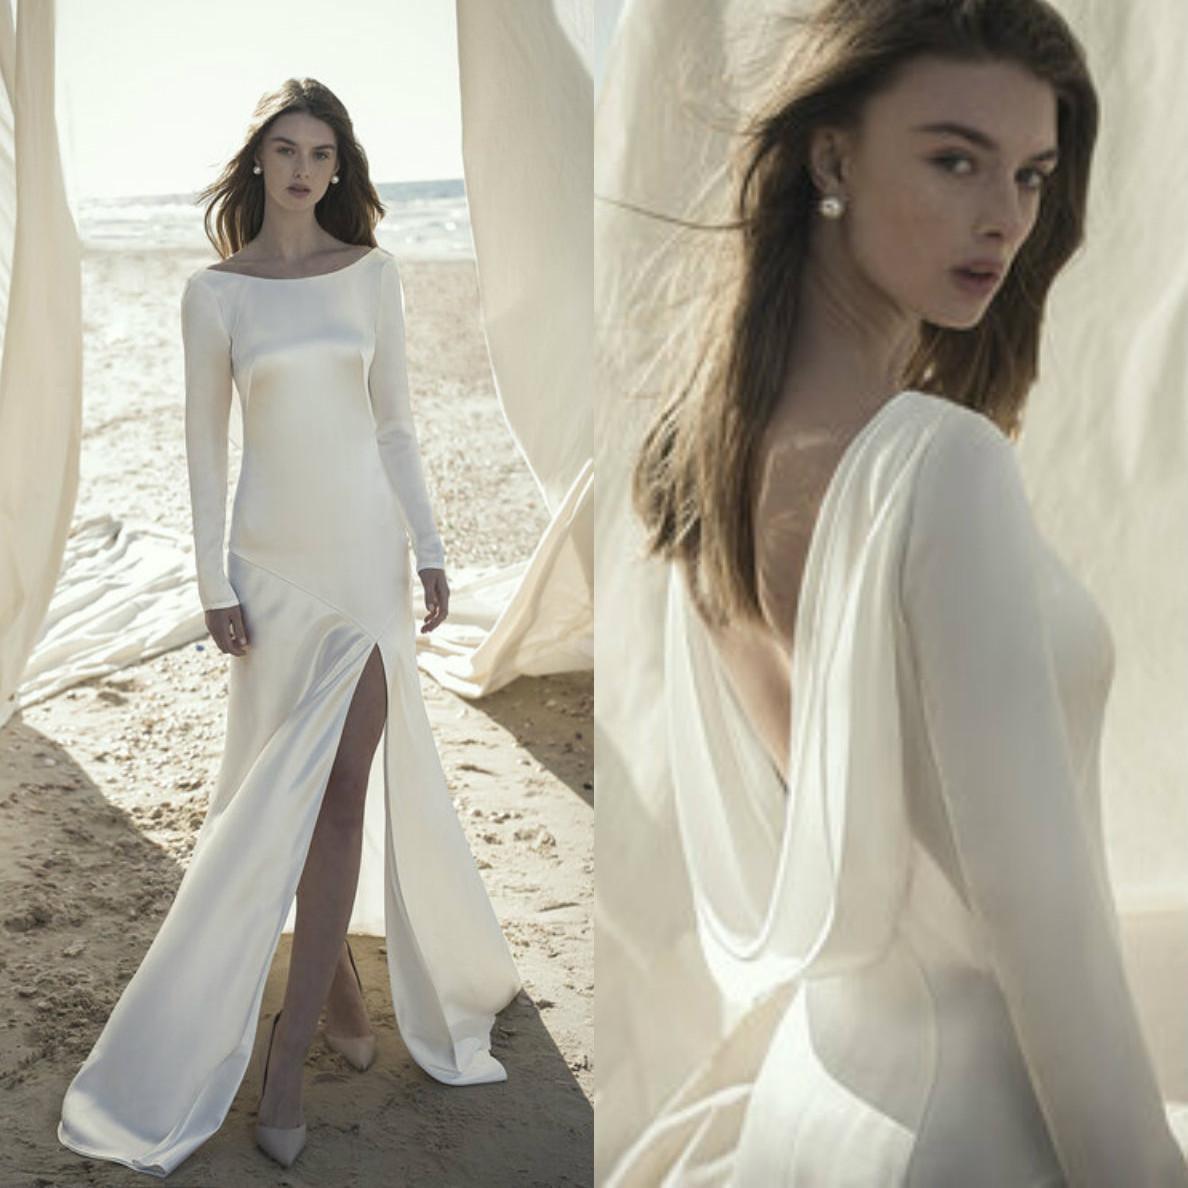 Dress Abiti Semplice Estate Bohemian sposa Mermaid maniche lunghe ad alta Split Backless Abiti da sposa Beach Garden Wedding Robe Abiti